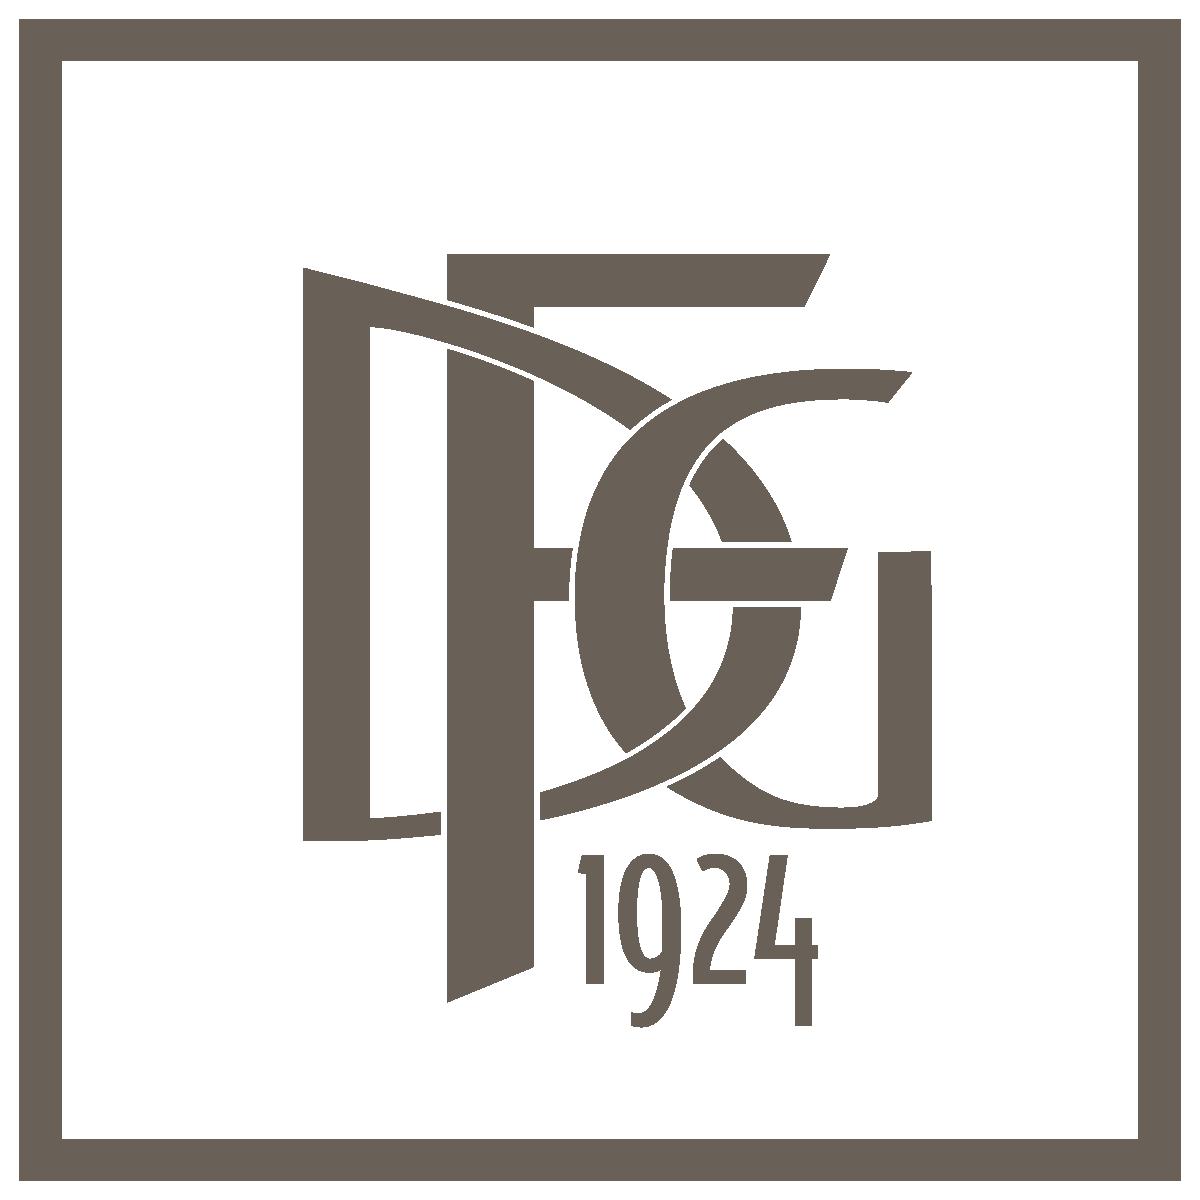 DFG-logo-RGB-01